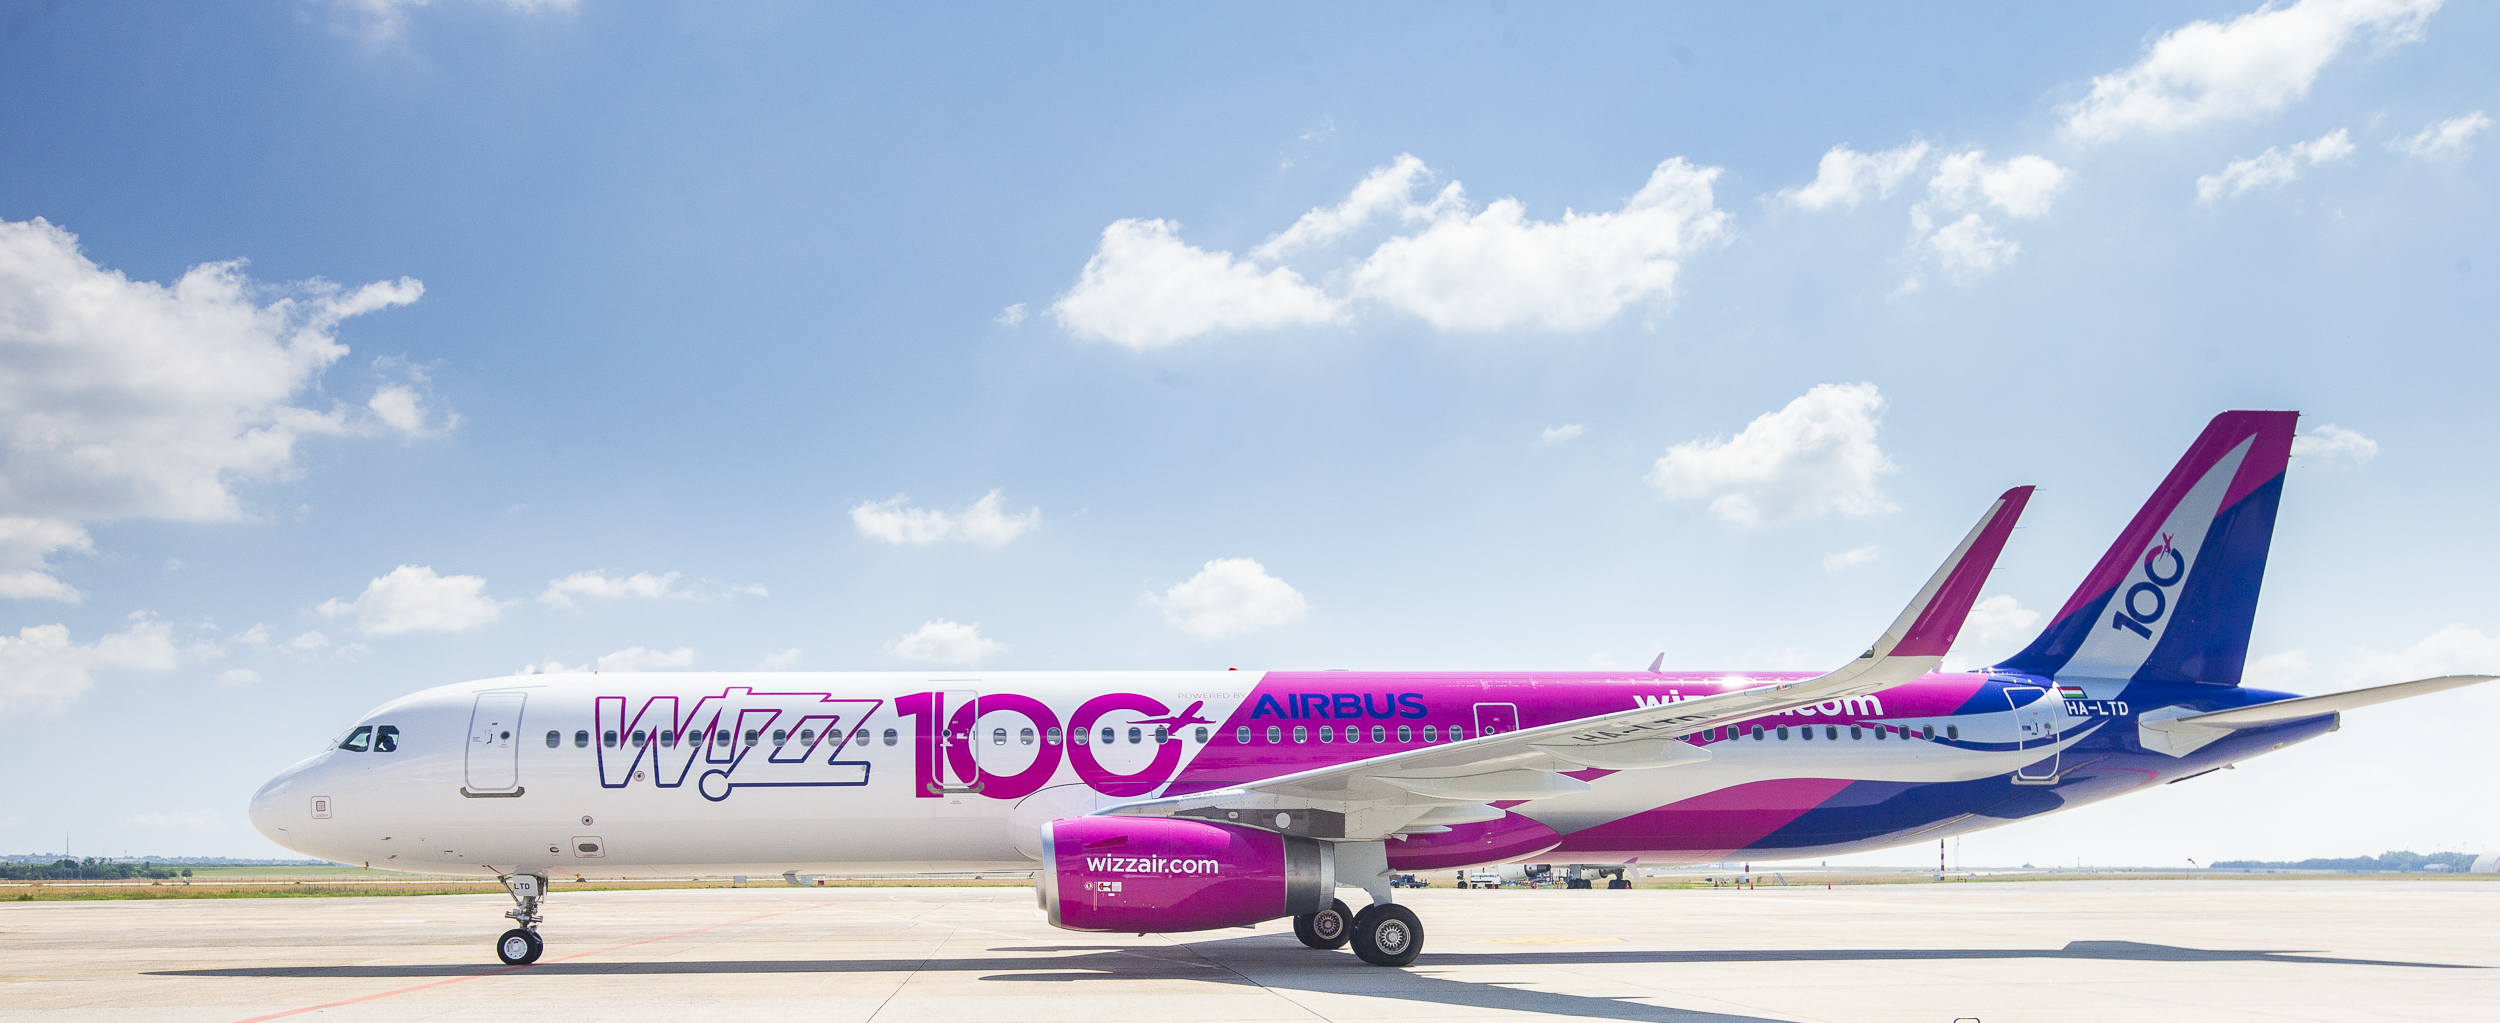 Flota Wizz Air liczy 100 samolotów prezentacja wyjątkowego malowania oraz uruchomienie fundacji WIZZ